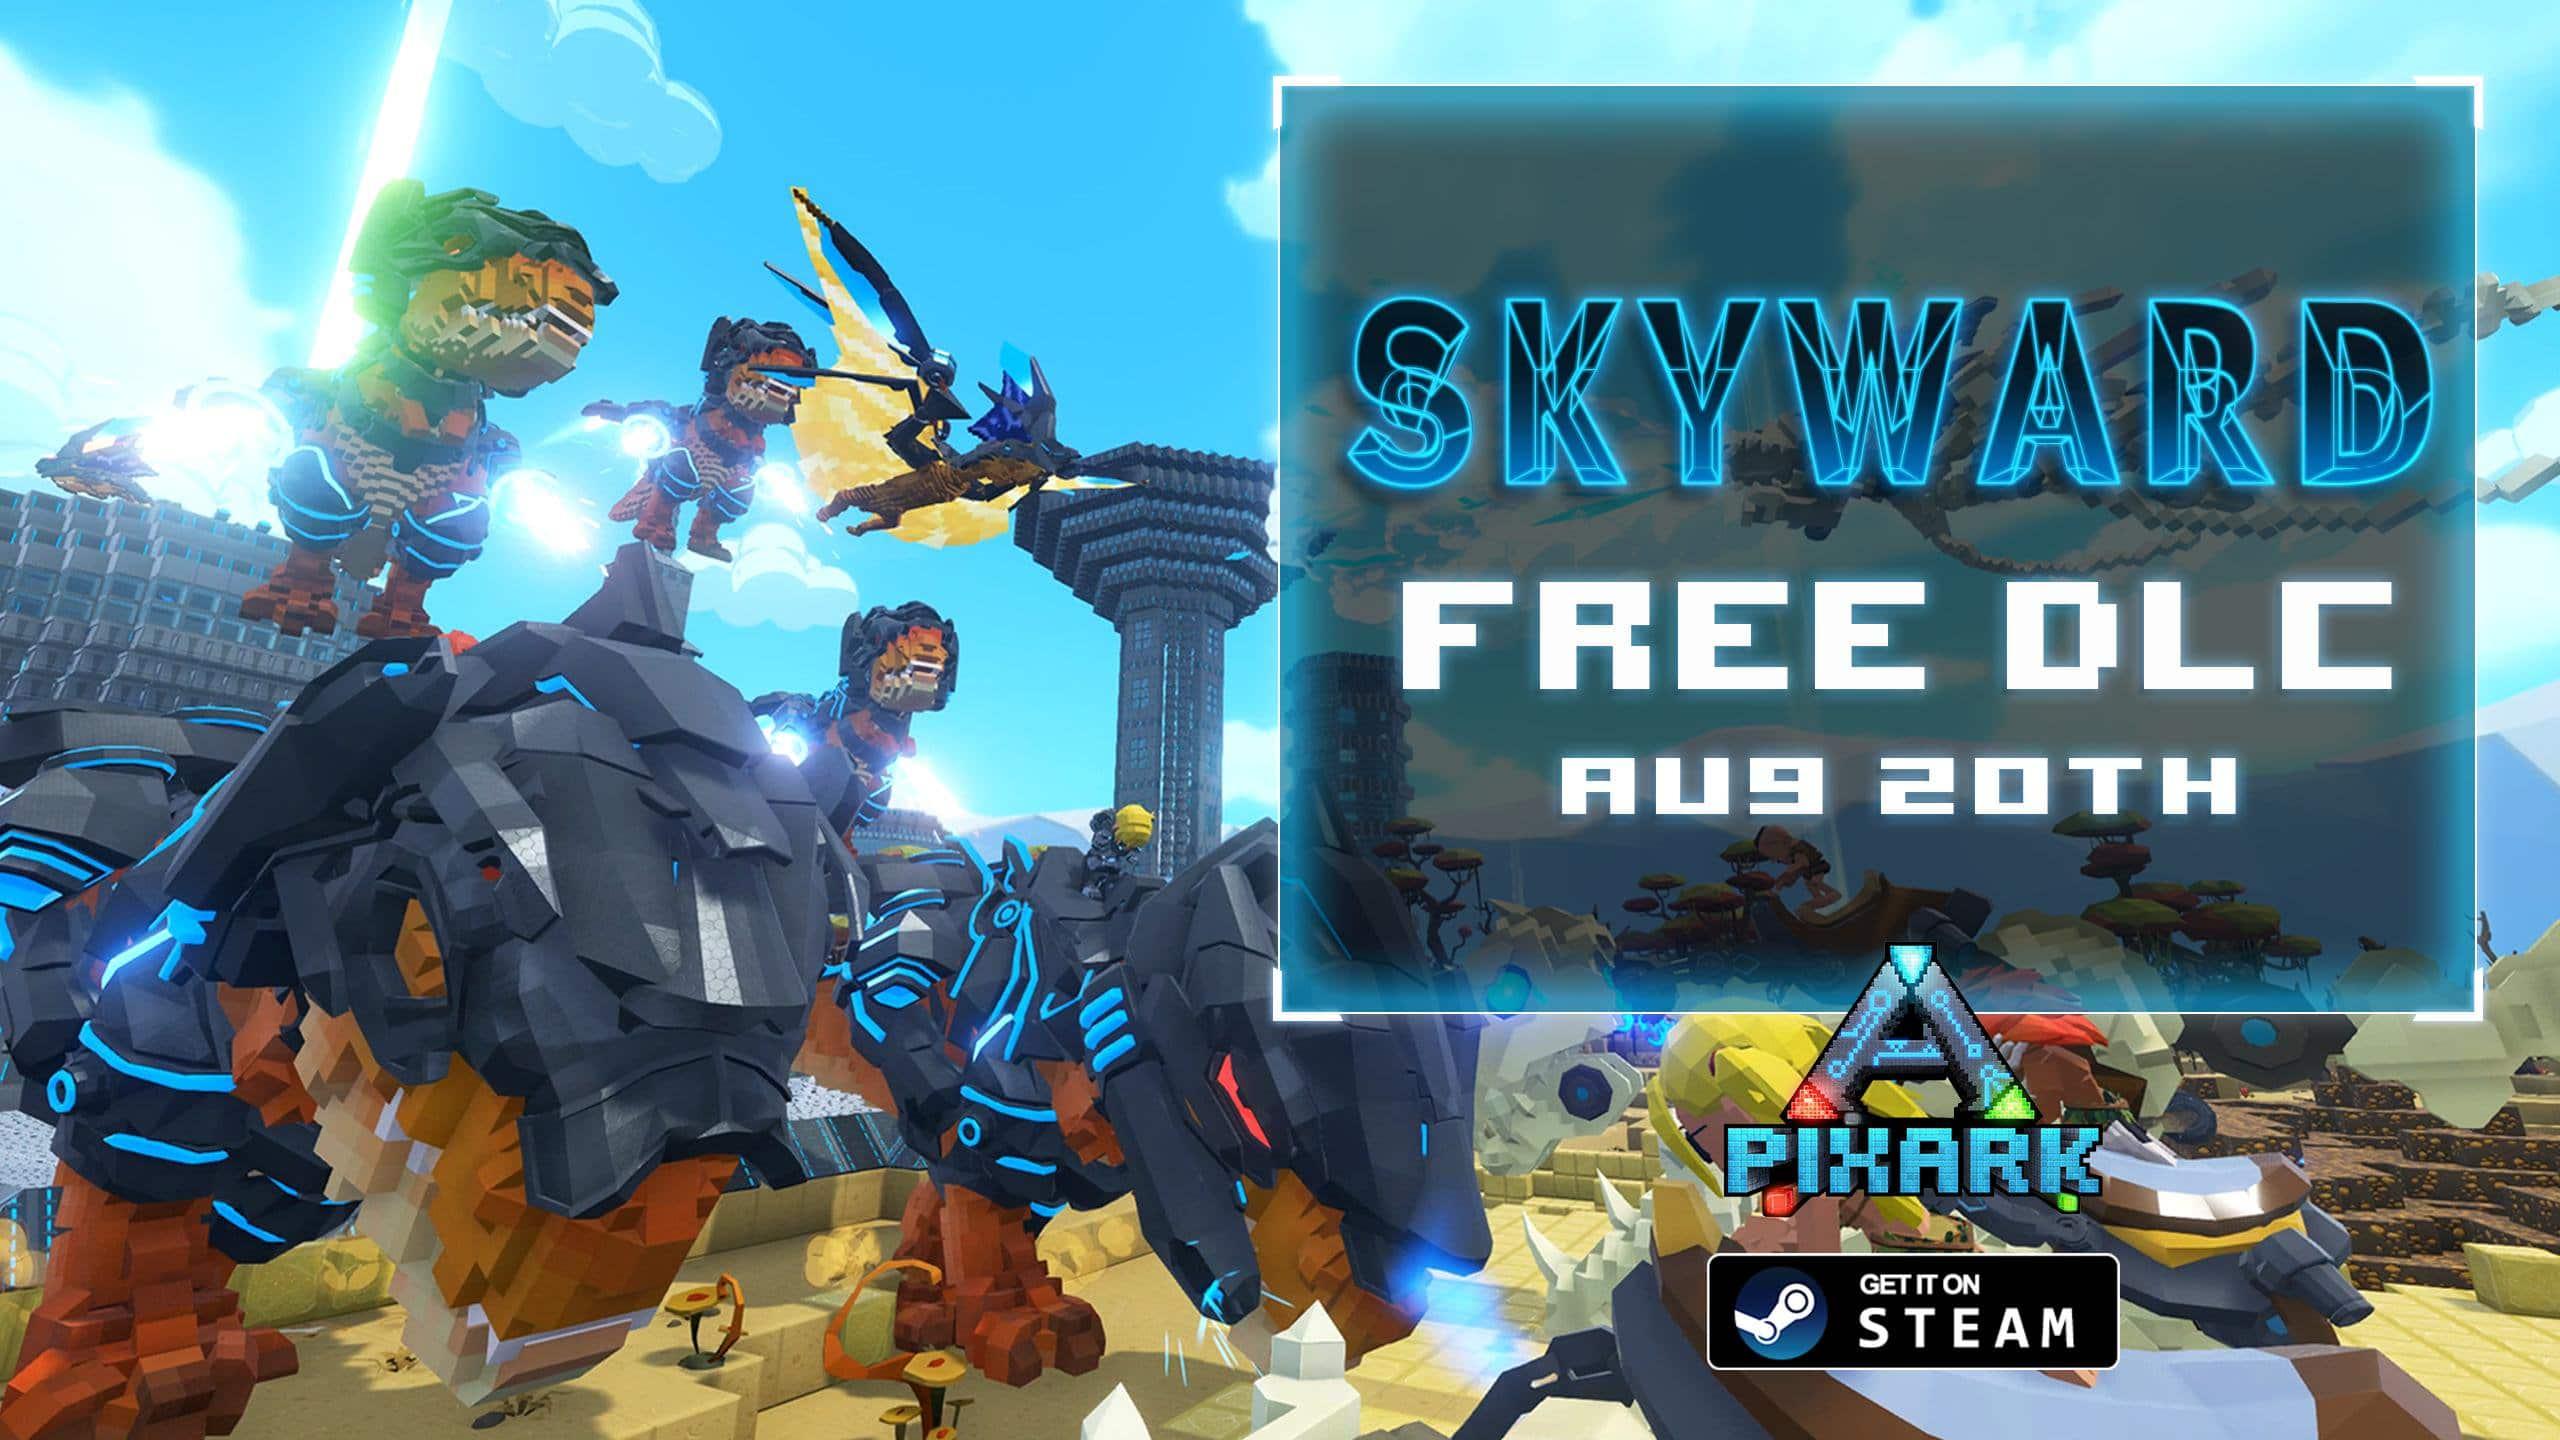 Skyward es el próximo DLC gratuito de PixARK